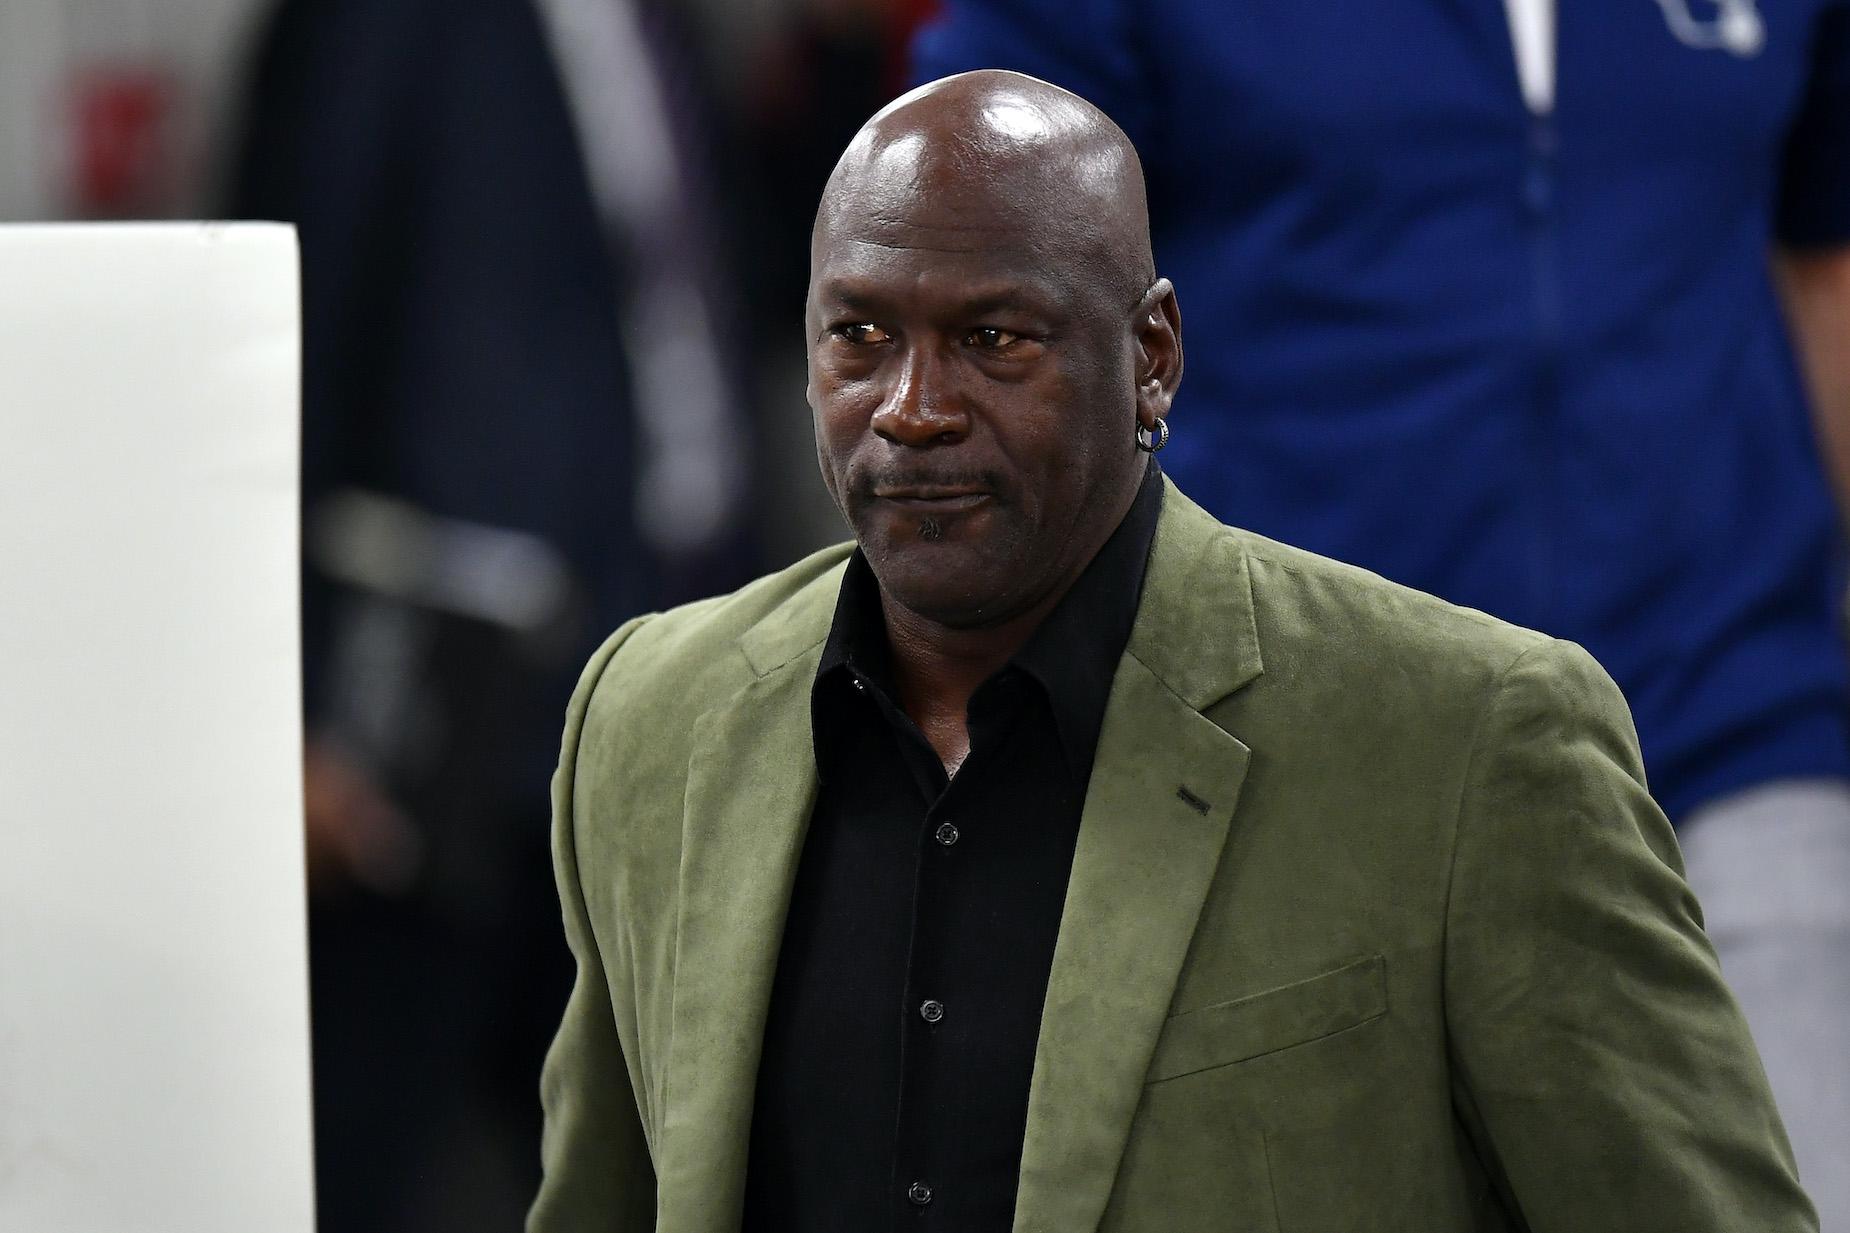 NBA legend Michael Jordan attends a press conference